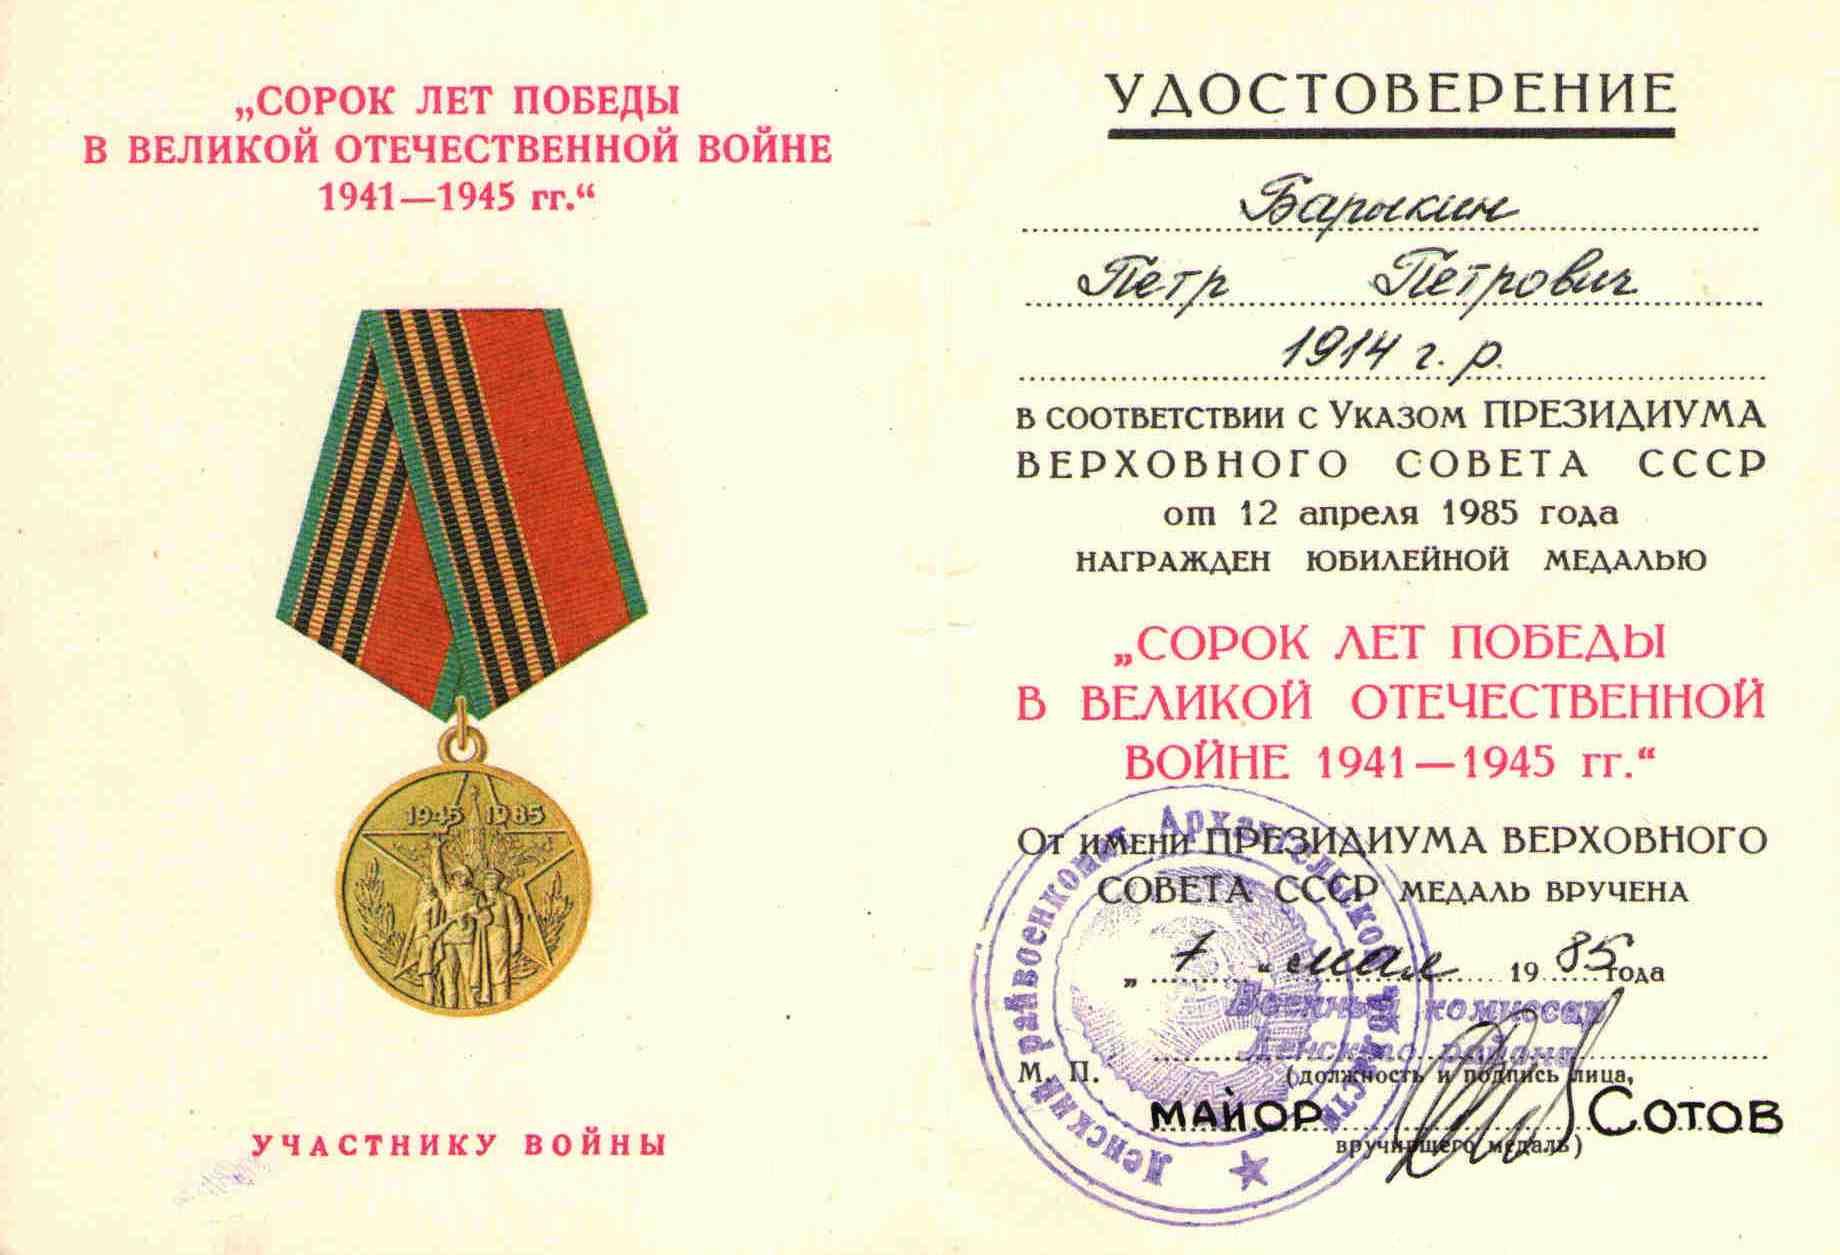 116. Удостоверение к медали 40 лет Победы, Барыкин ПП, 1985